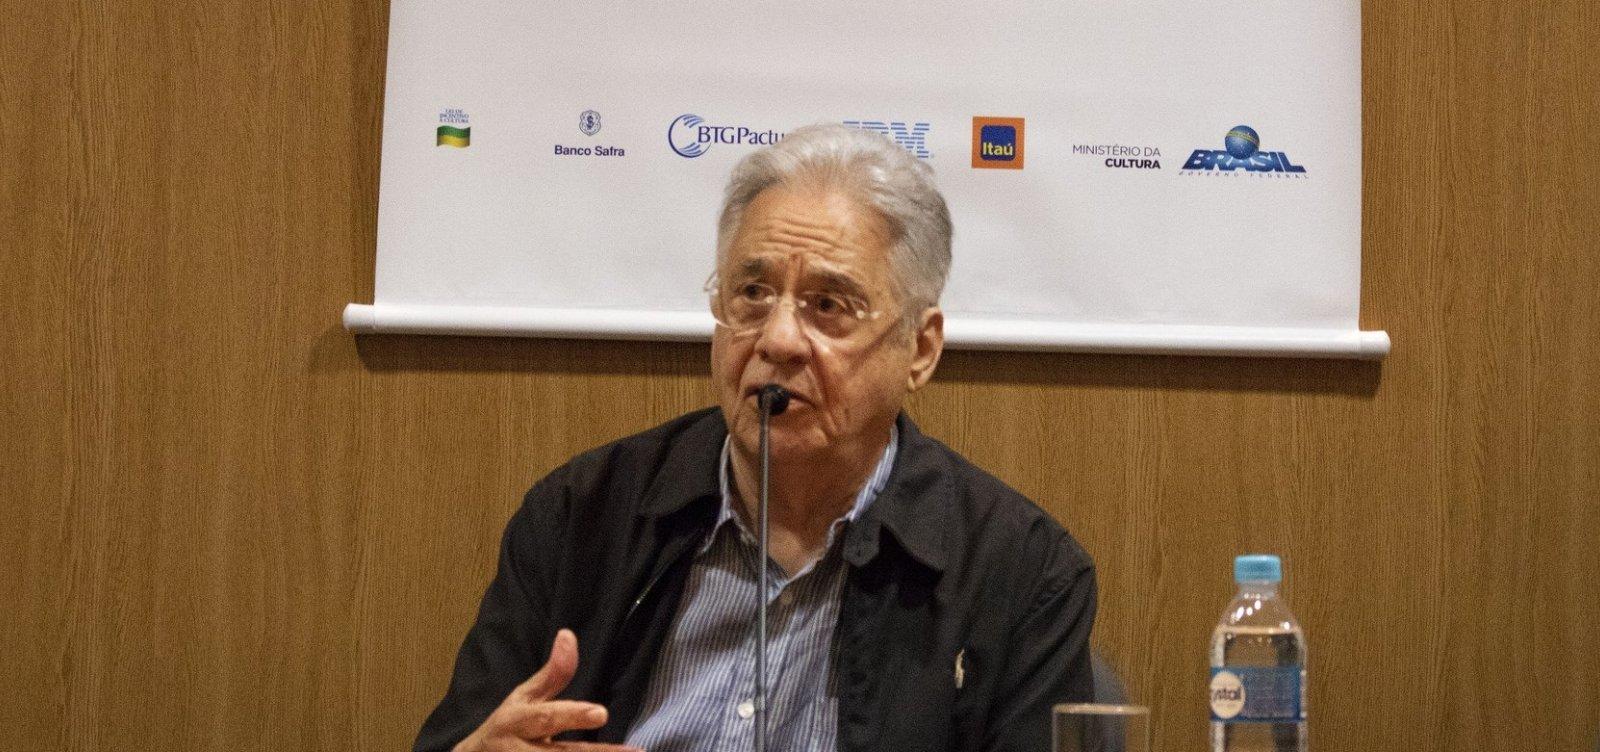 [Fernando Henrique diz Bolsonaro vai prejudicar imagem do Brasil no exterior]